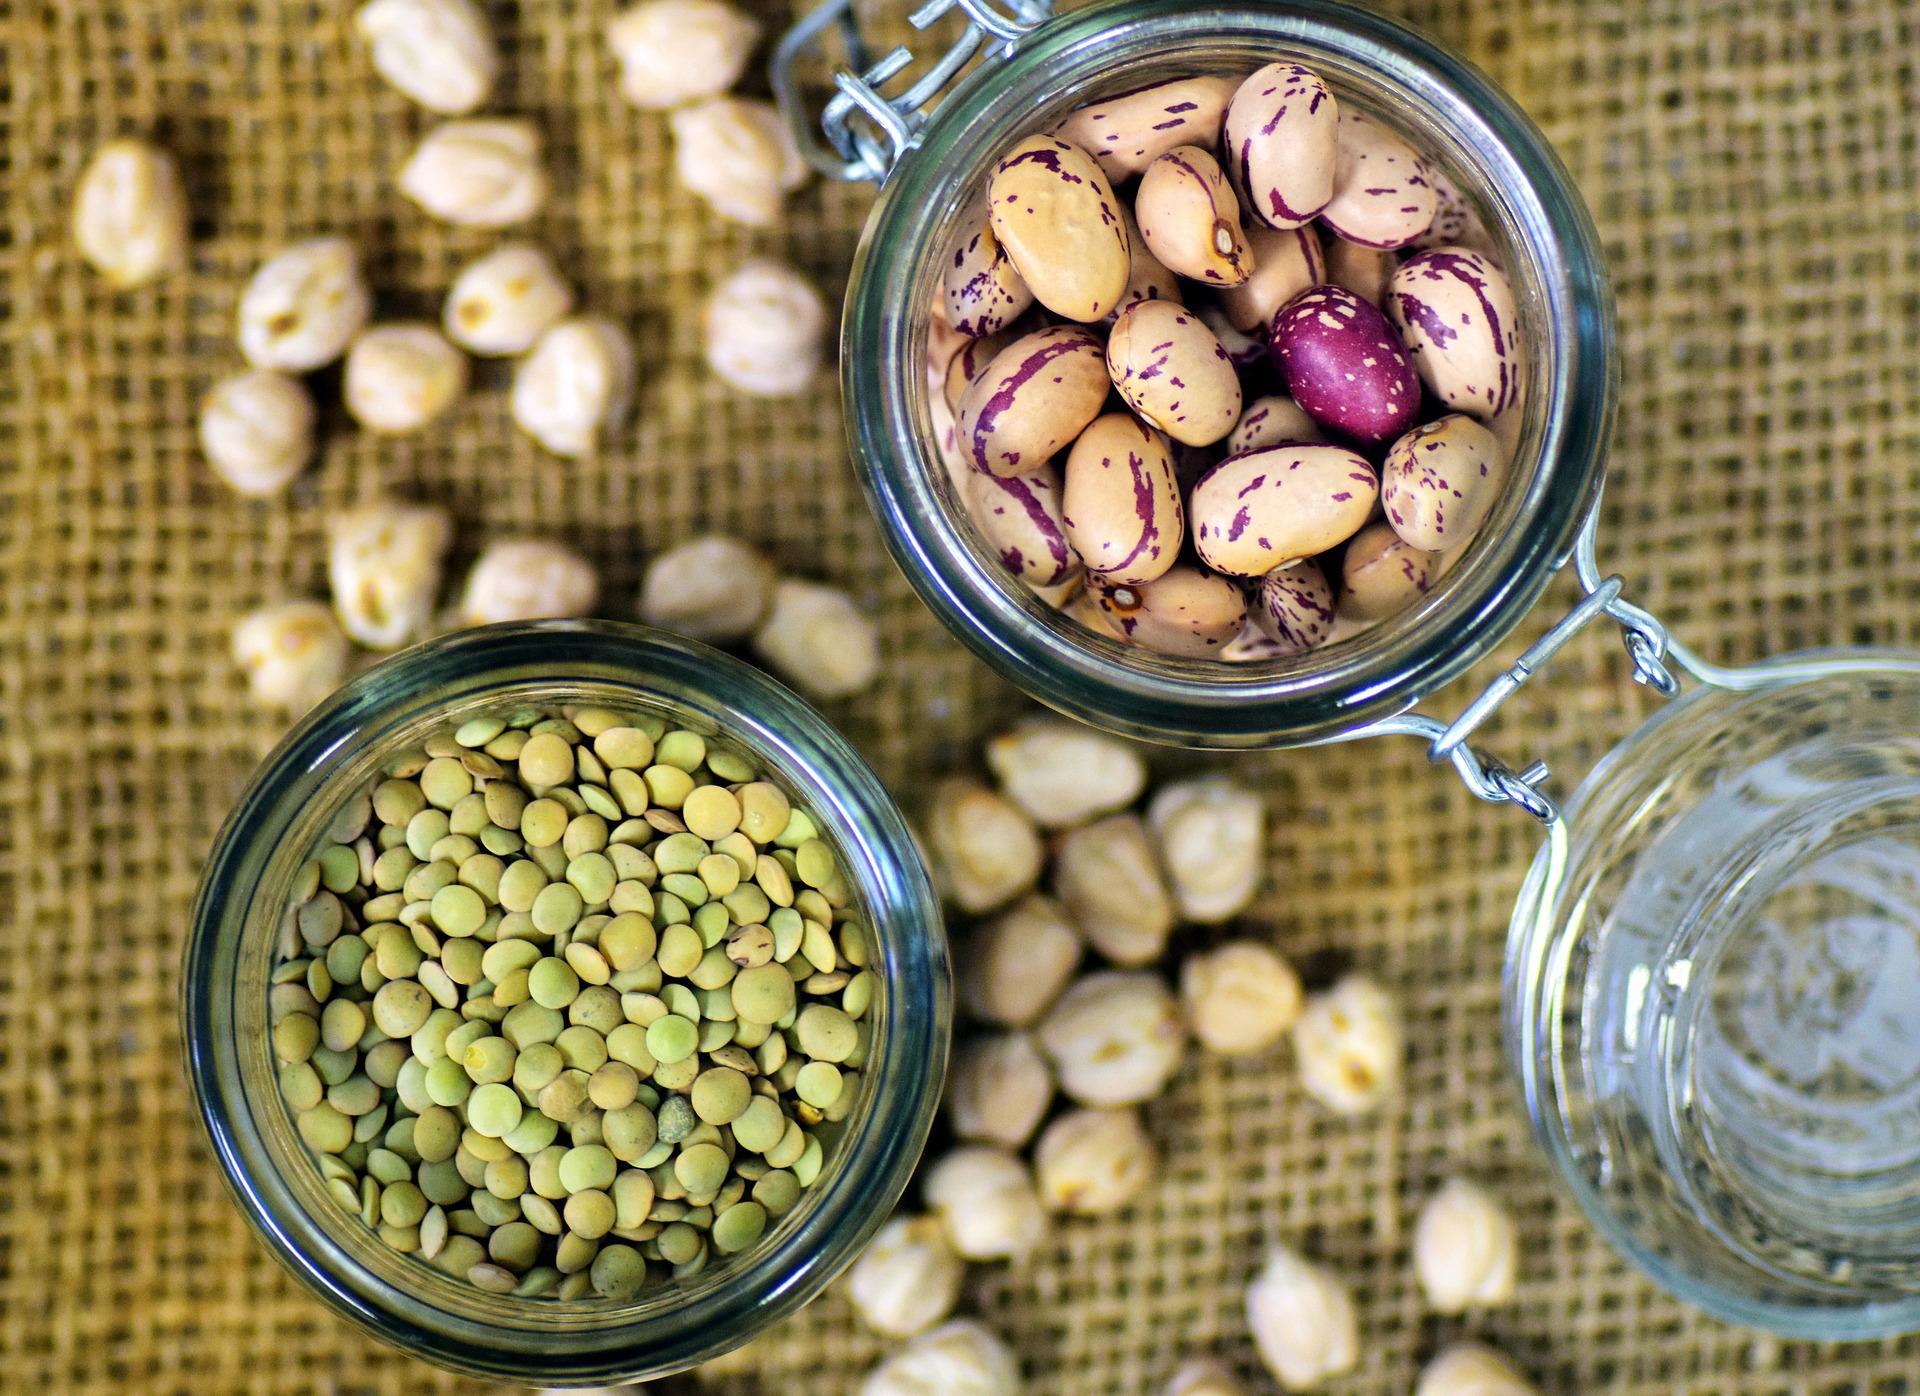 Luštěniny jsou významným zdrojem rostlinných bílkovin / foto: pixabay.com